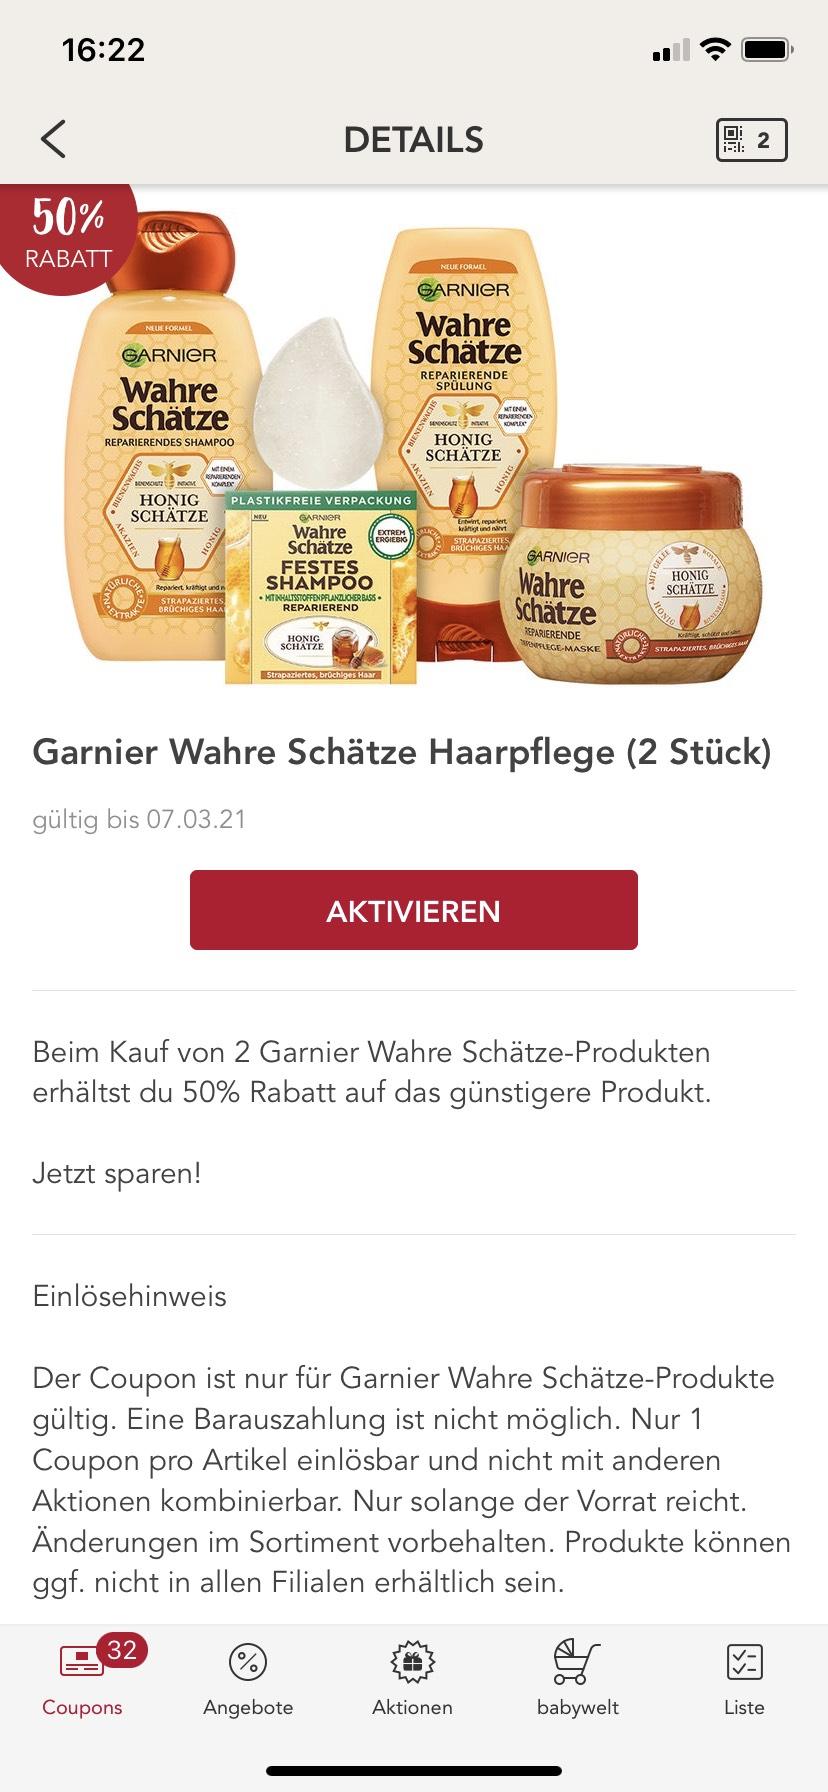 Garnier wahre Schätze zweites Produkt mit 50% Rabatt in der Rossmann App